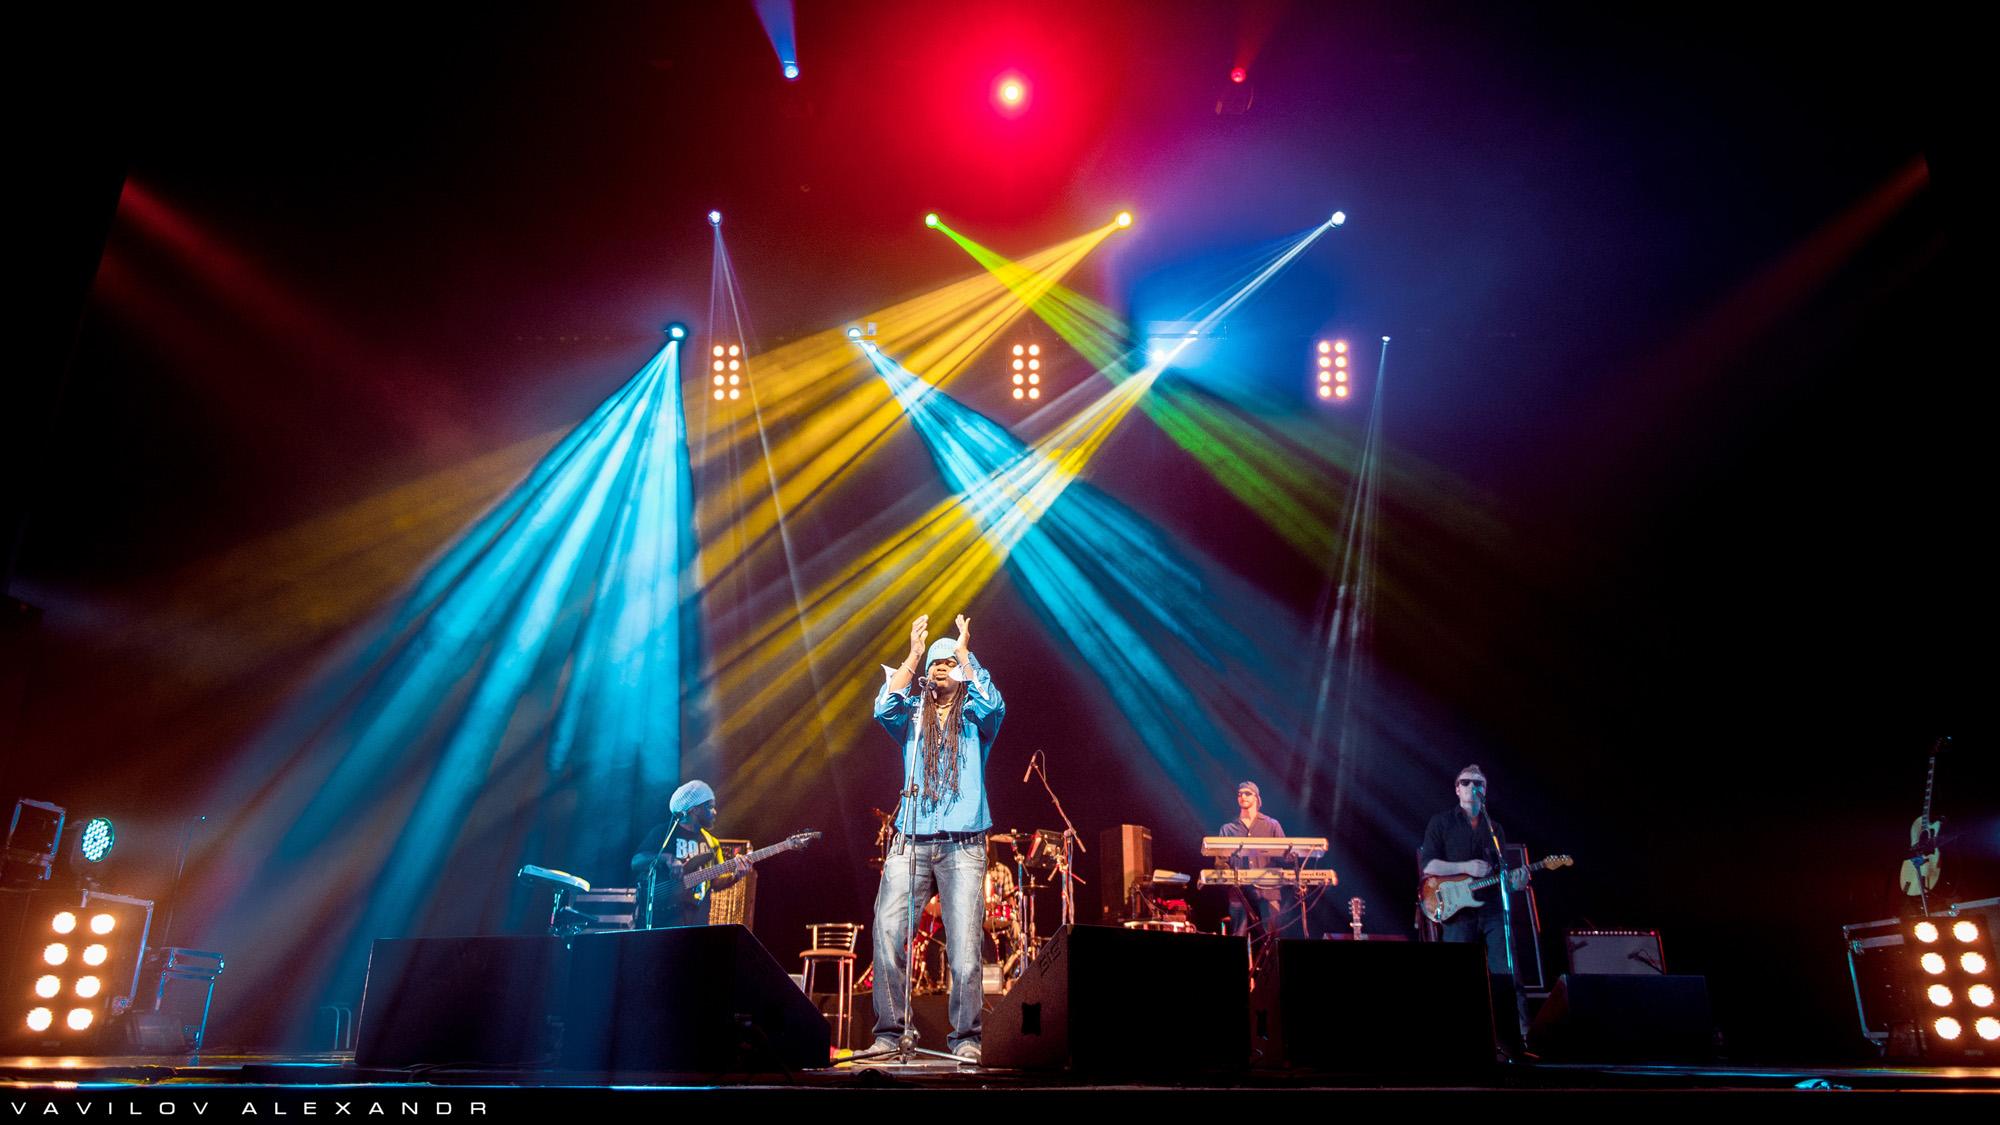 Irkutsk Music Theater (17.03.14) (4)